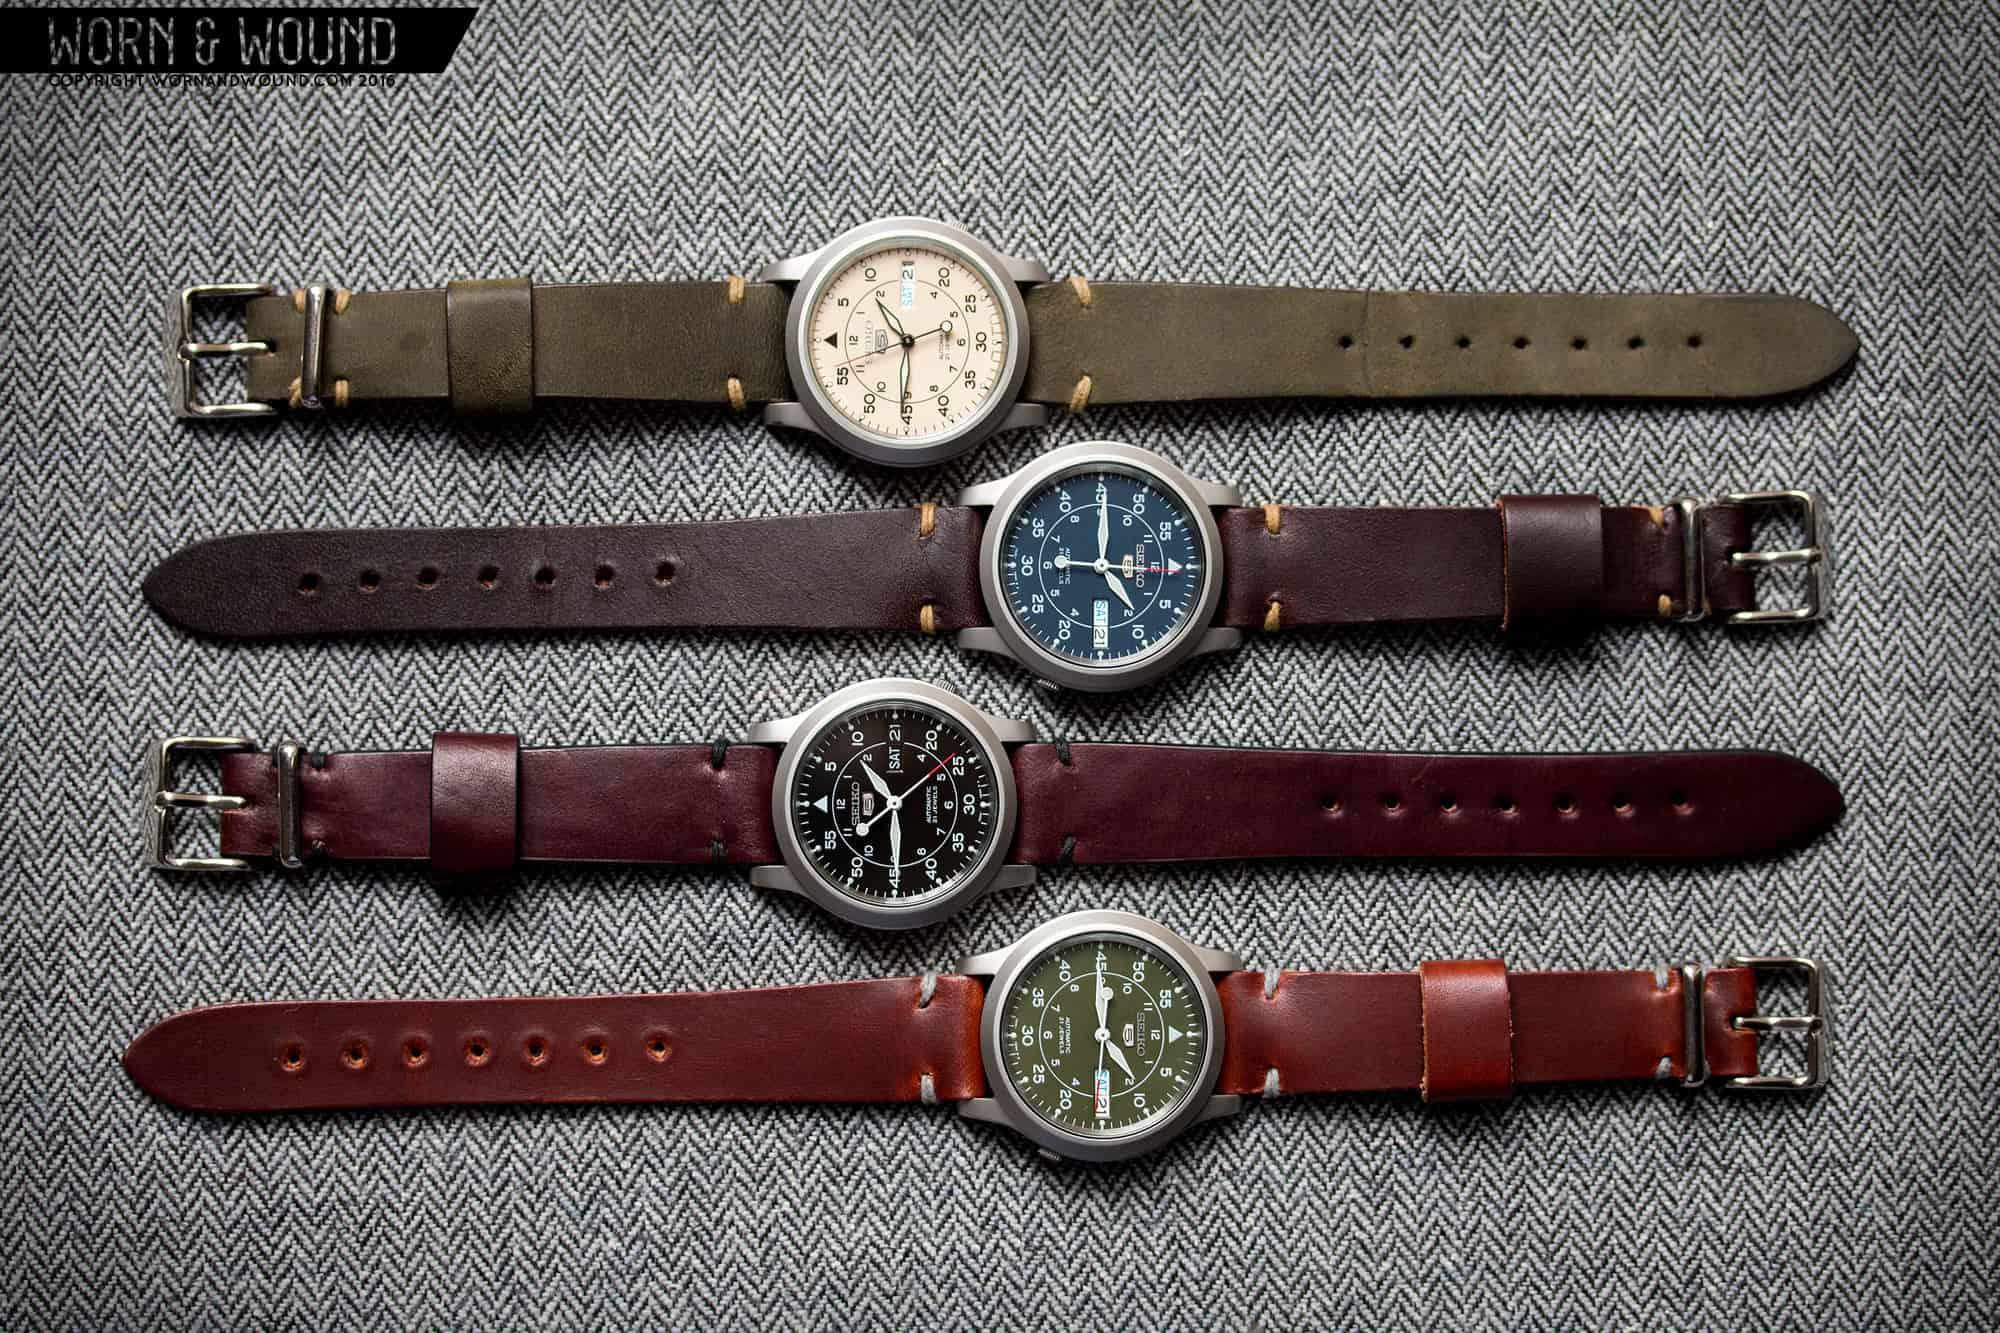 Five Great Seiko 5 Watches for Under $200 - Worn & Wound